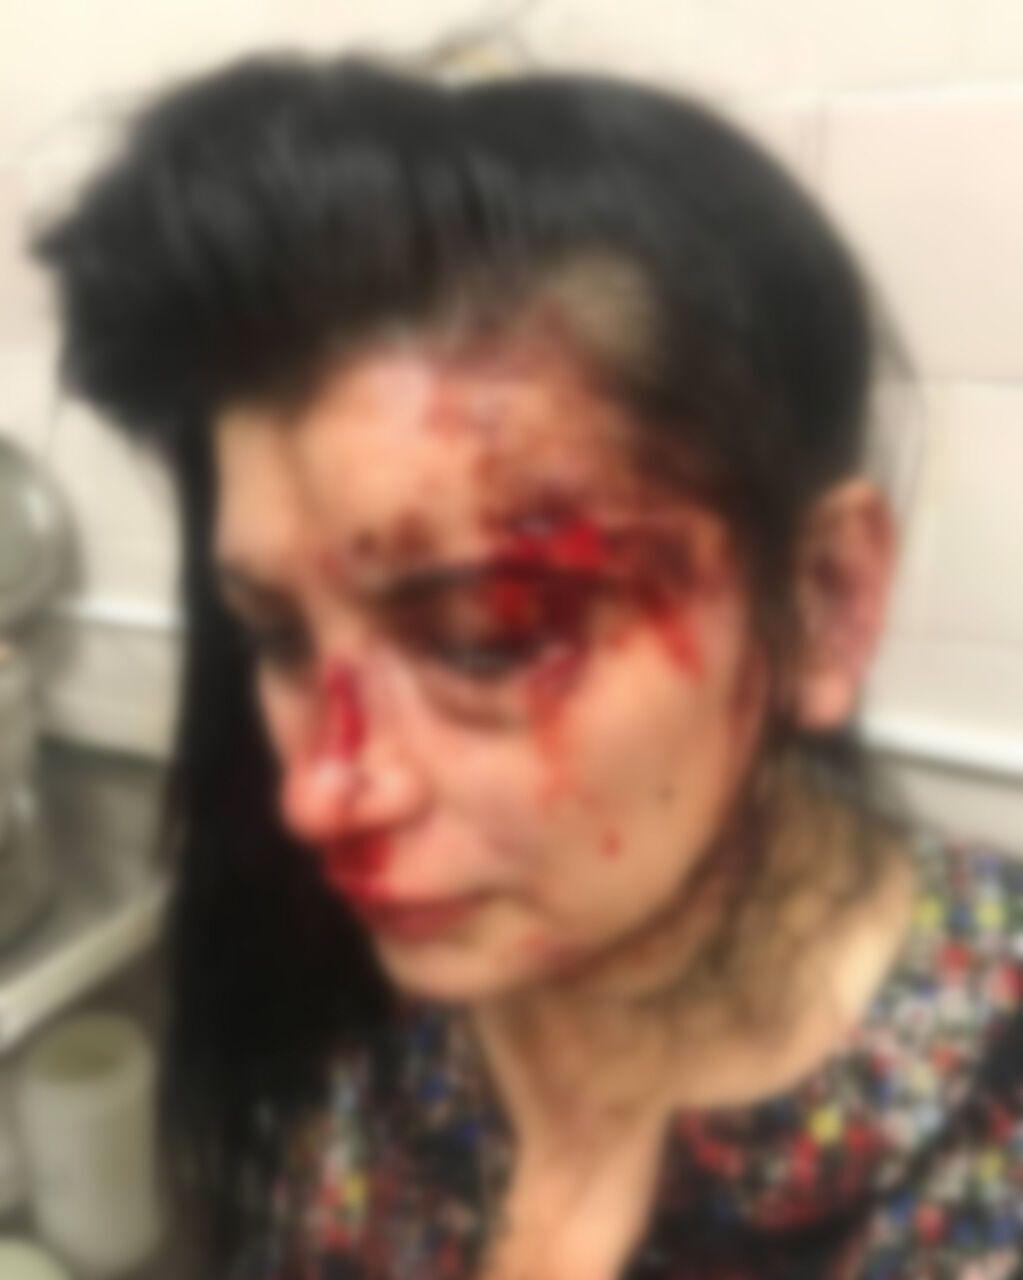 У дівчини розбите обличчя, гематоми та струс мозку